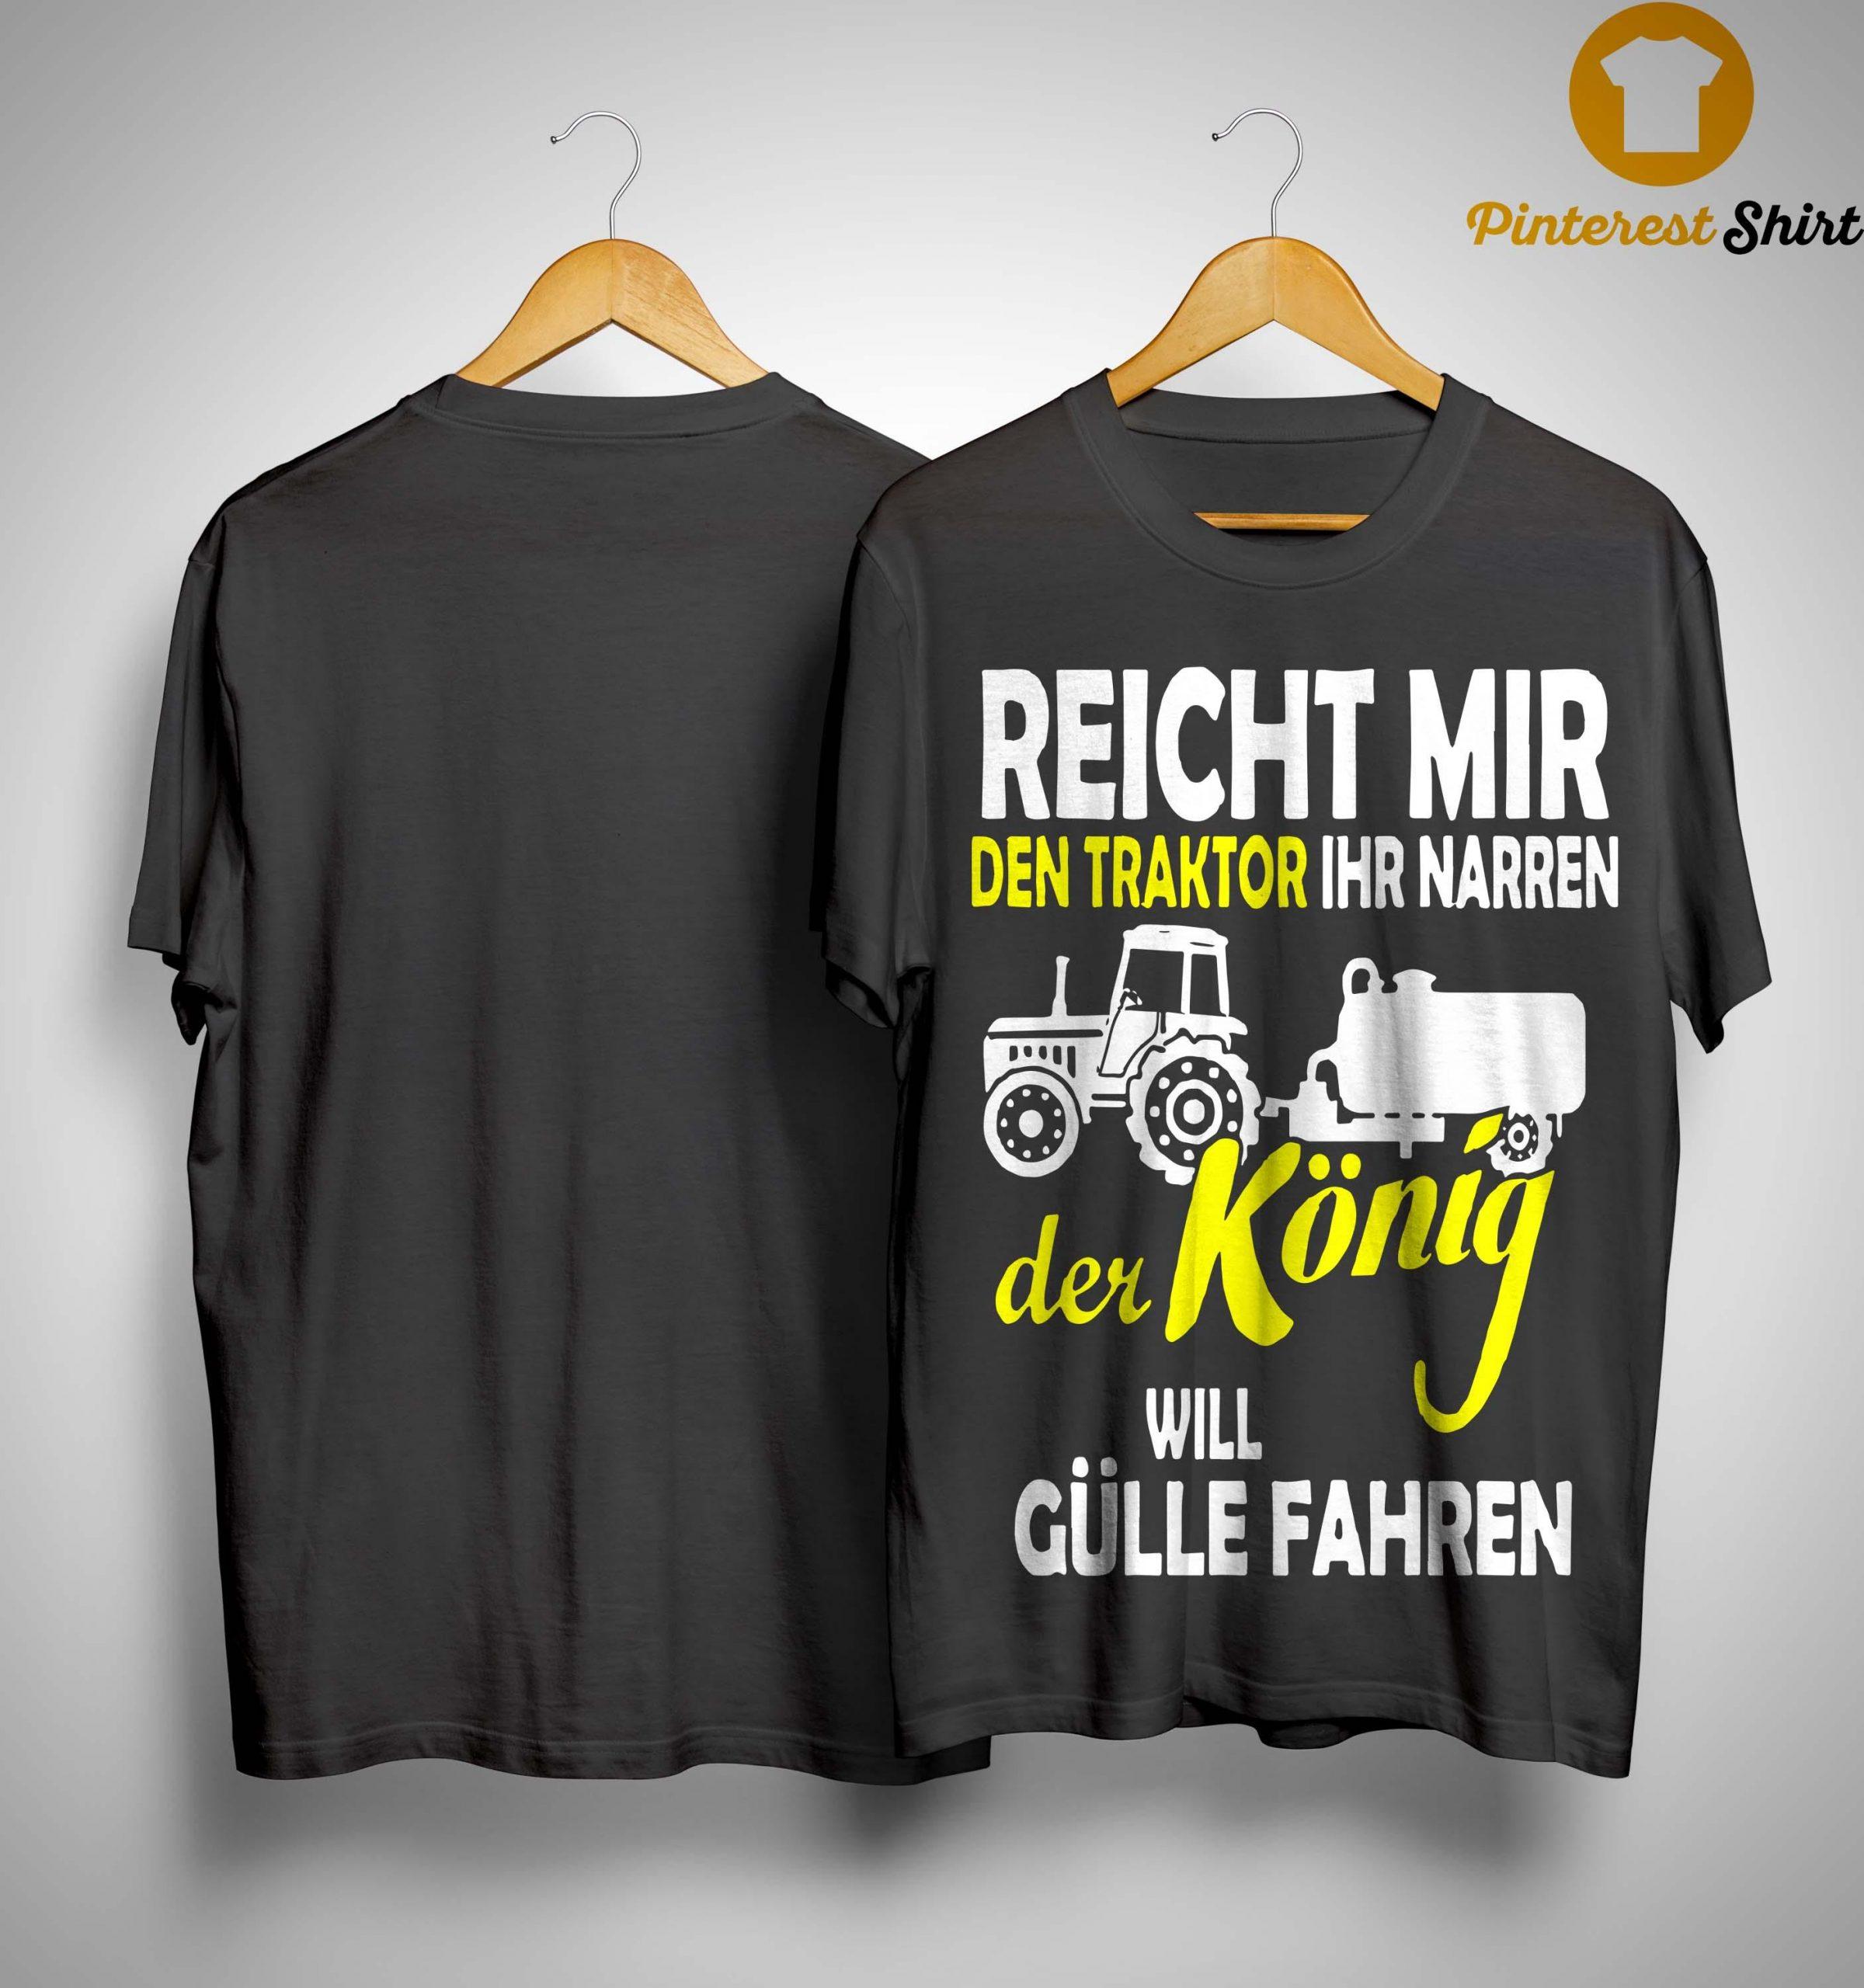 Reicht Mir Den Traktor Ihr Narren Der König Will Gülle Fahren Shirt